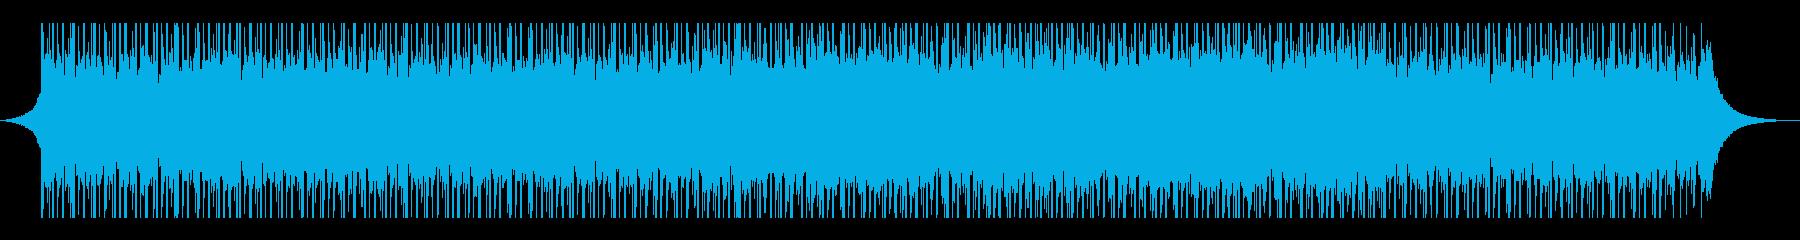 オンラインマーケティング(90秒)の再生済みの波形